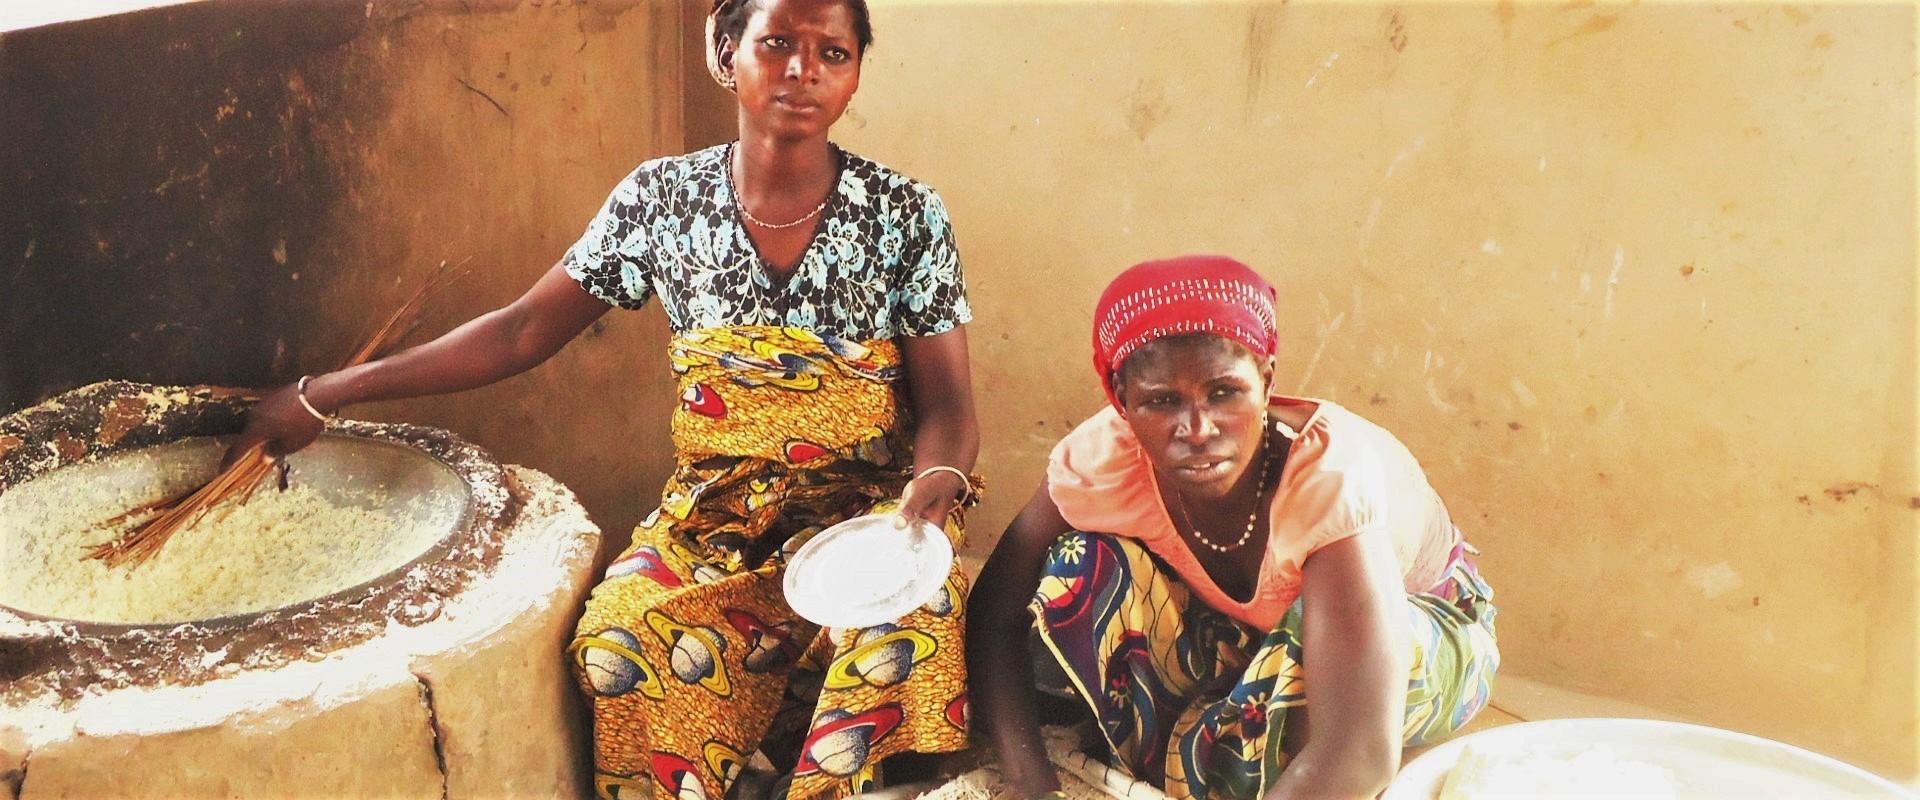 Sito di incontri in Benin Repubblica